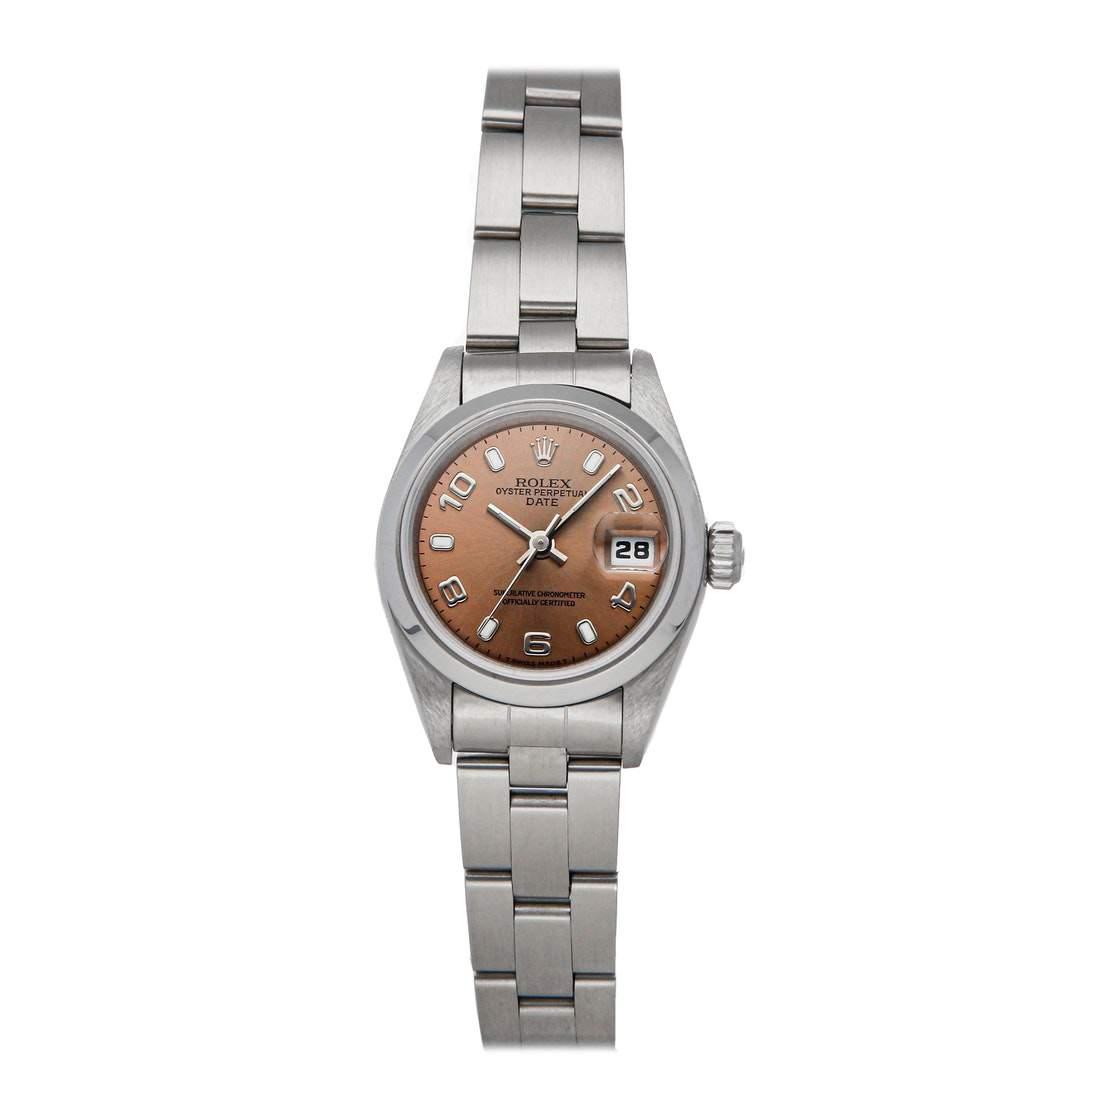 ساعة يد نسائية رولكس أويستر بيربيتوال ديت 69160 ستانلس ستيل وردية 26 مم